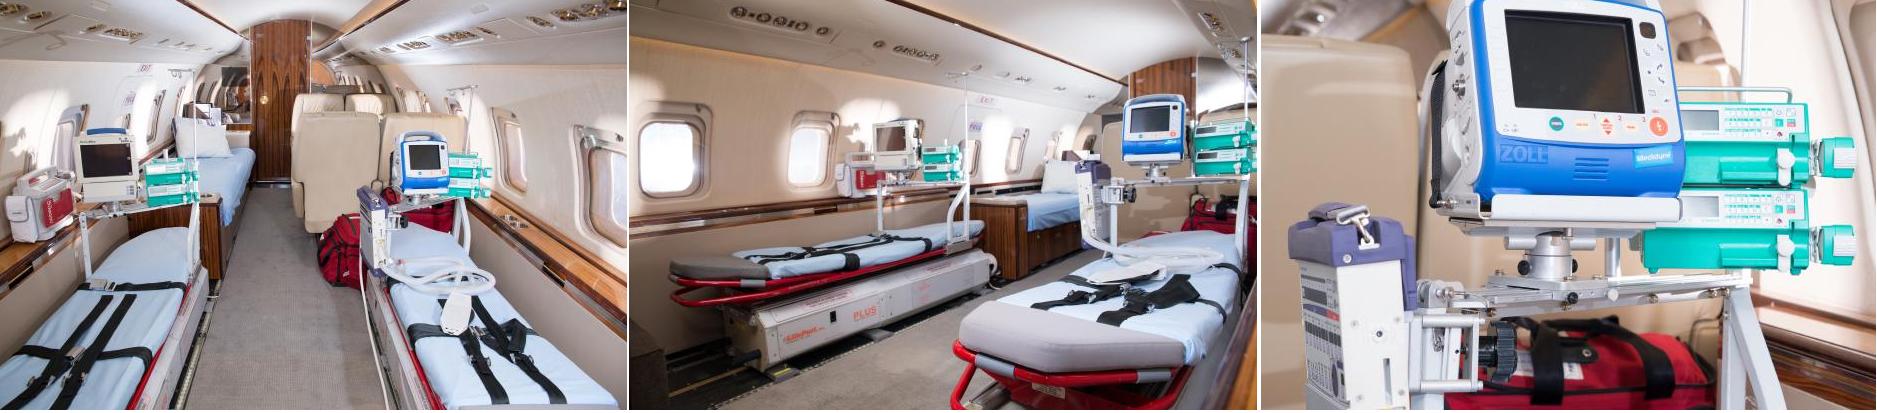 бизнес джет для полета с лежачим больным